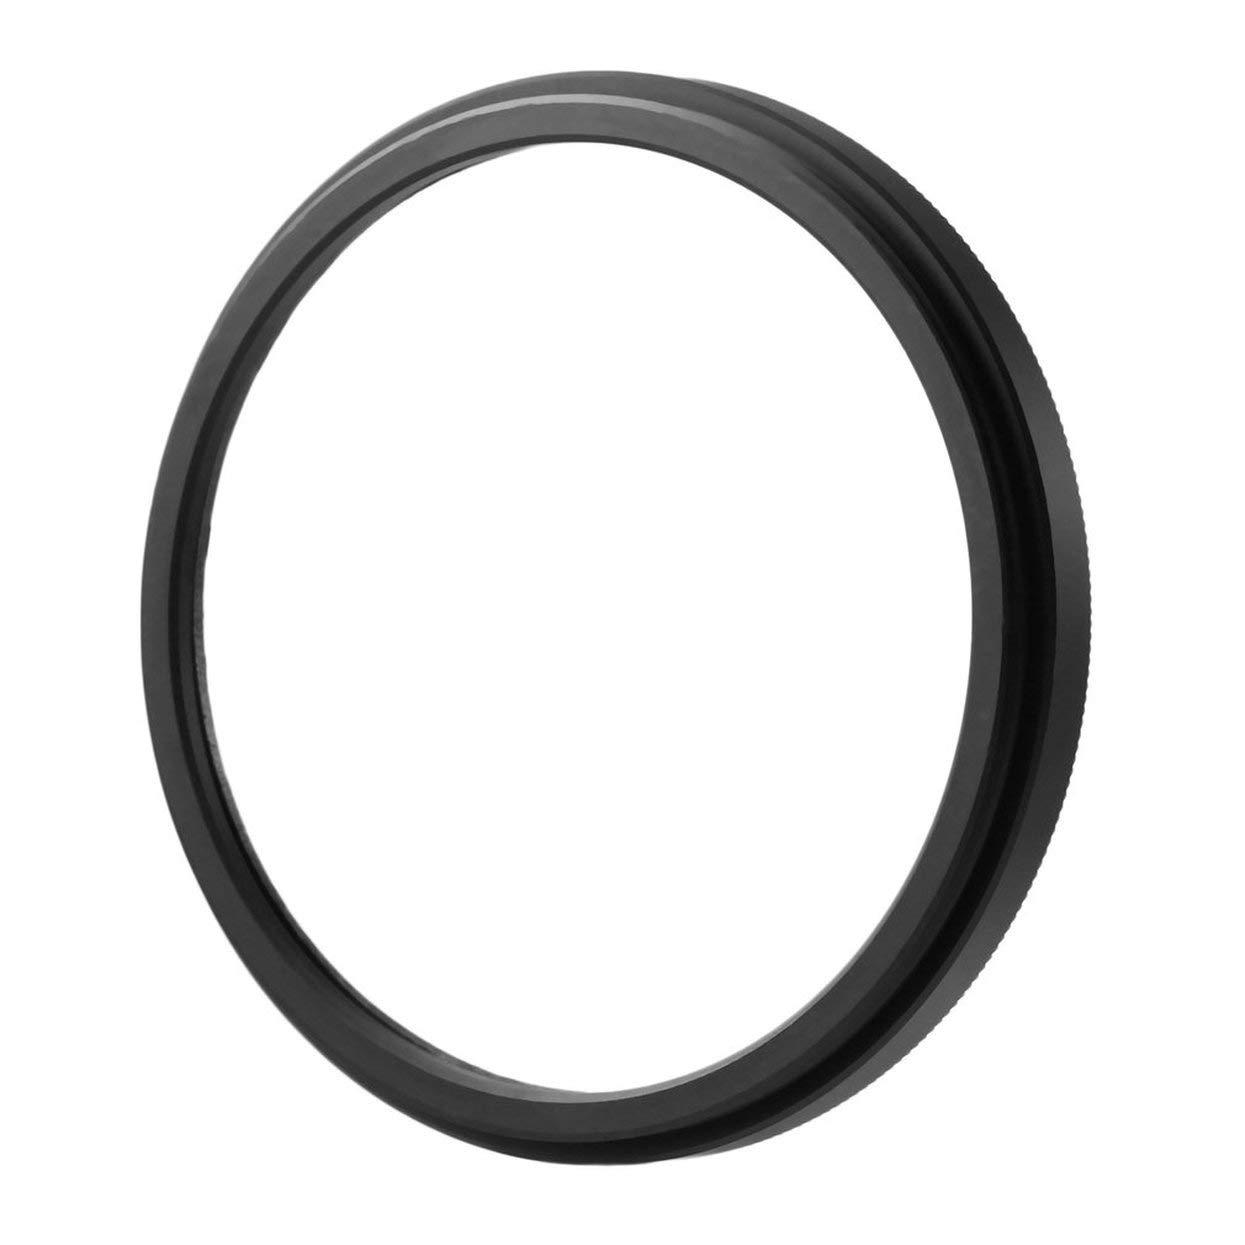 en Negro y Transparente 52mm Haze Lente de Filtro UV 52mm Protector de Lente para DSLR//SLR//DC//DV Lente de la c/ámara A Prueba de Polvo A Prueba de Humedad a Prueba de rasgu/ños tama/ño 1